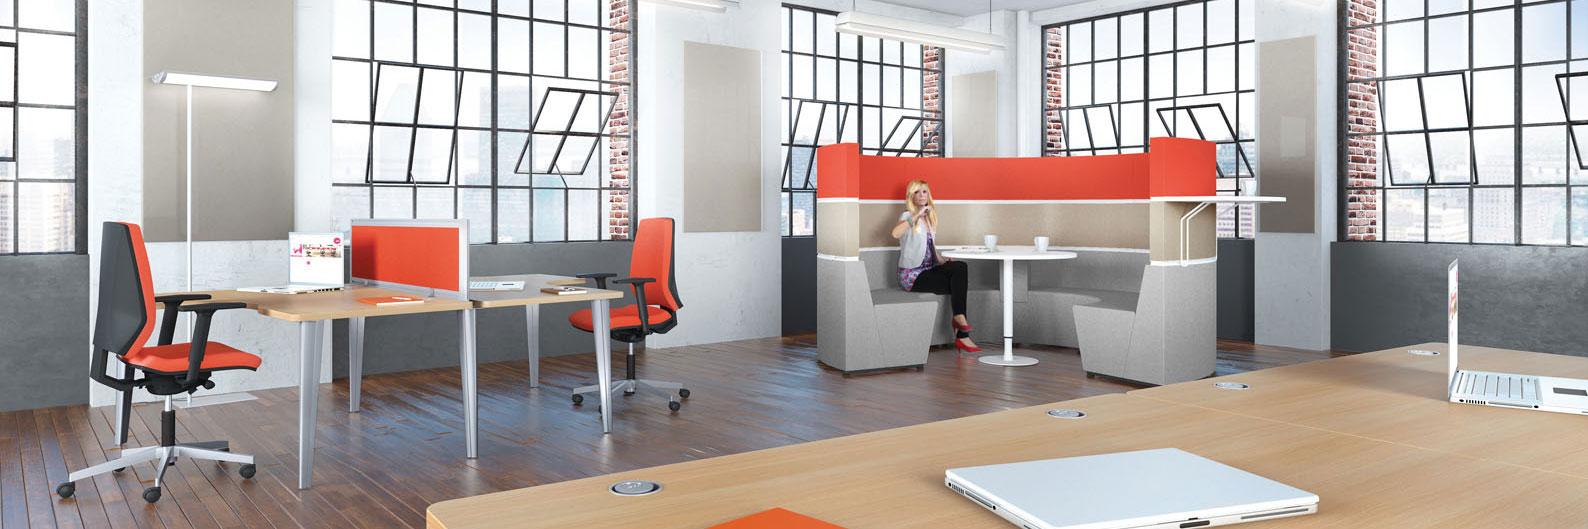 La base des travaux d'aménagement de bureau